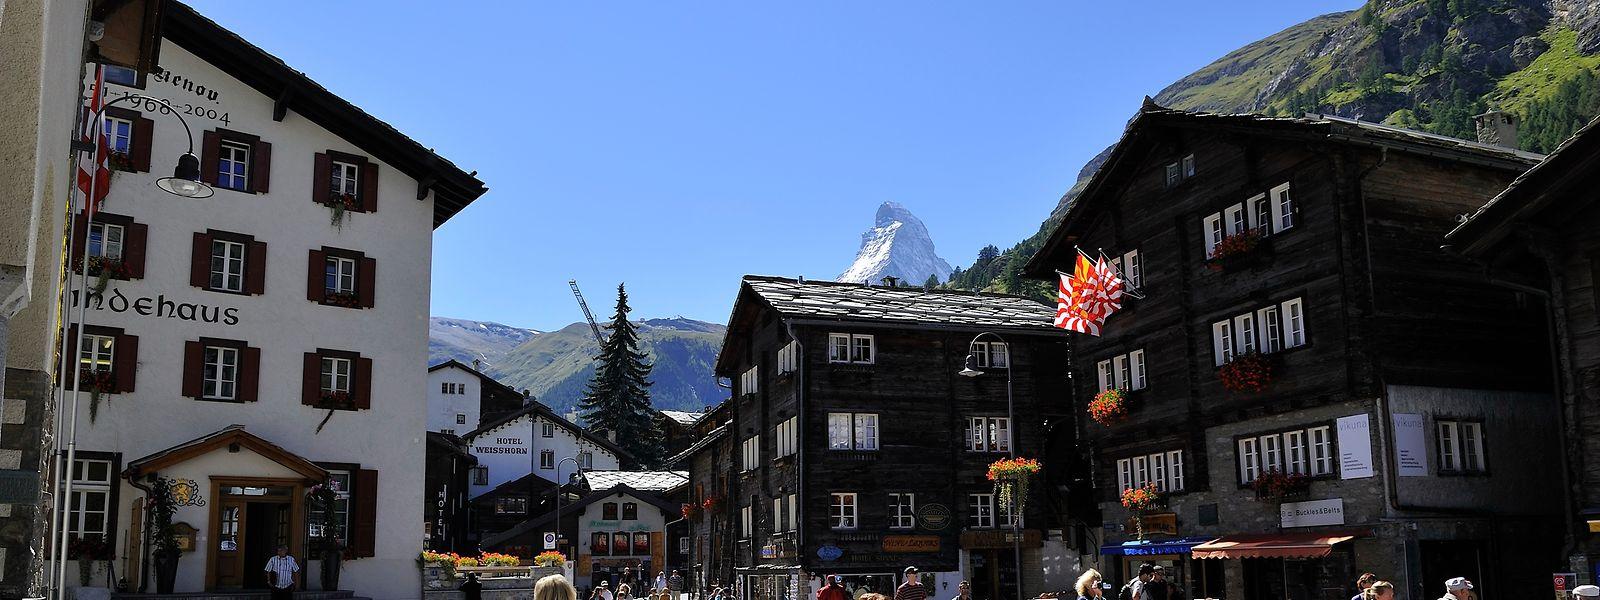 In Zermatt wurden Autos bereits vor Jahren aus dem Ortskern verbannt.